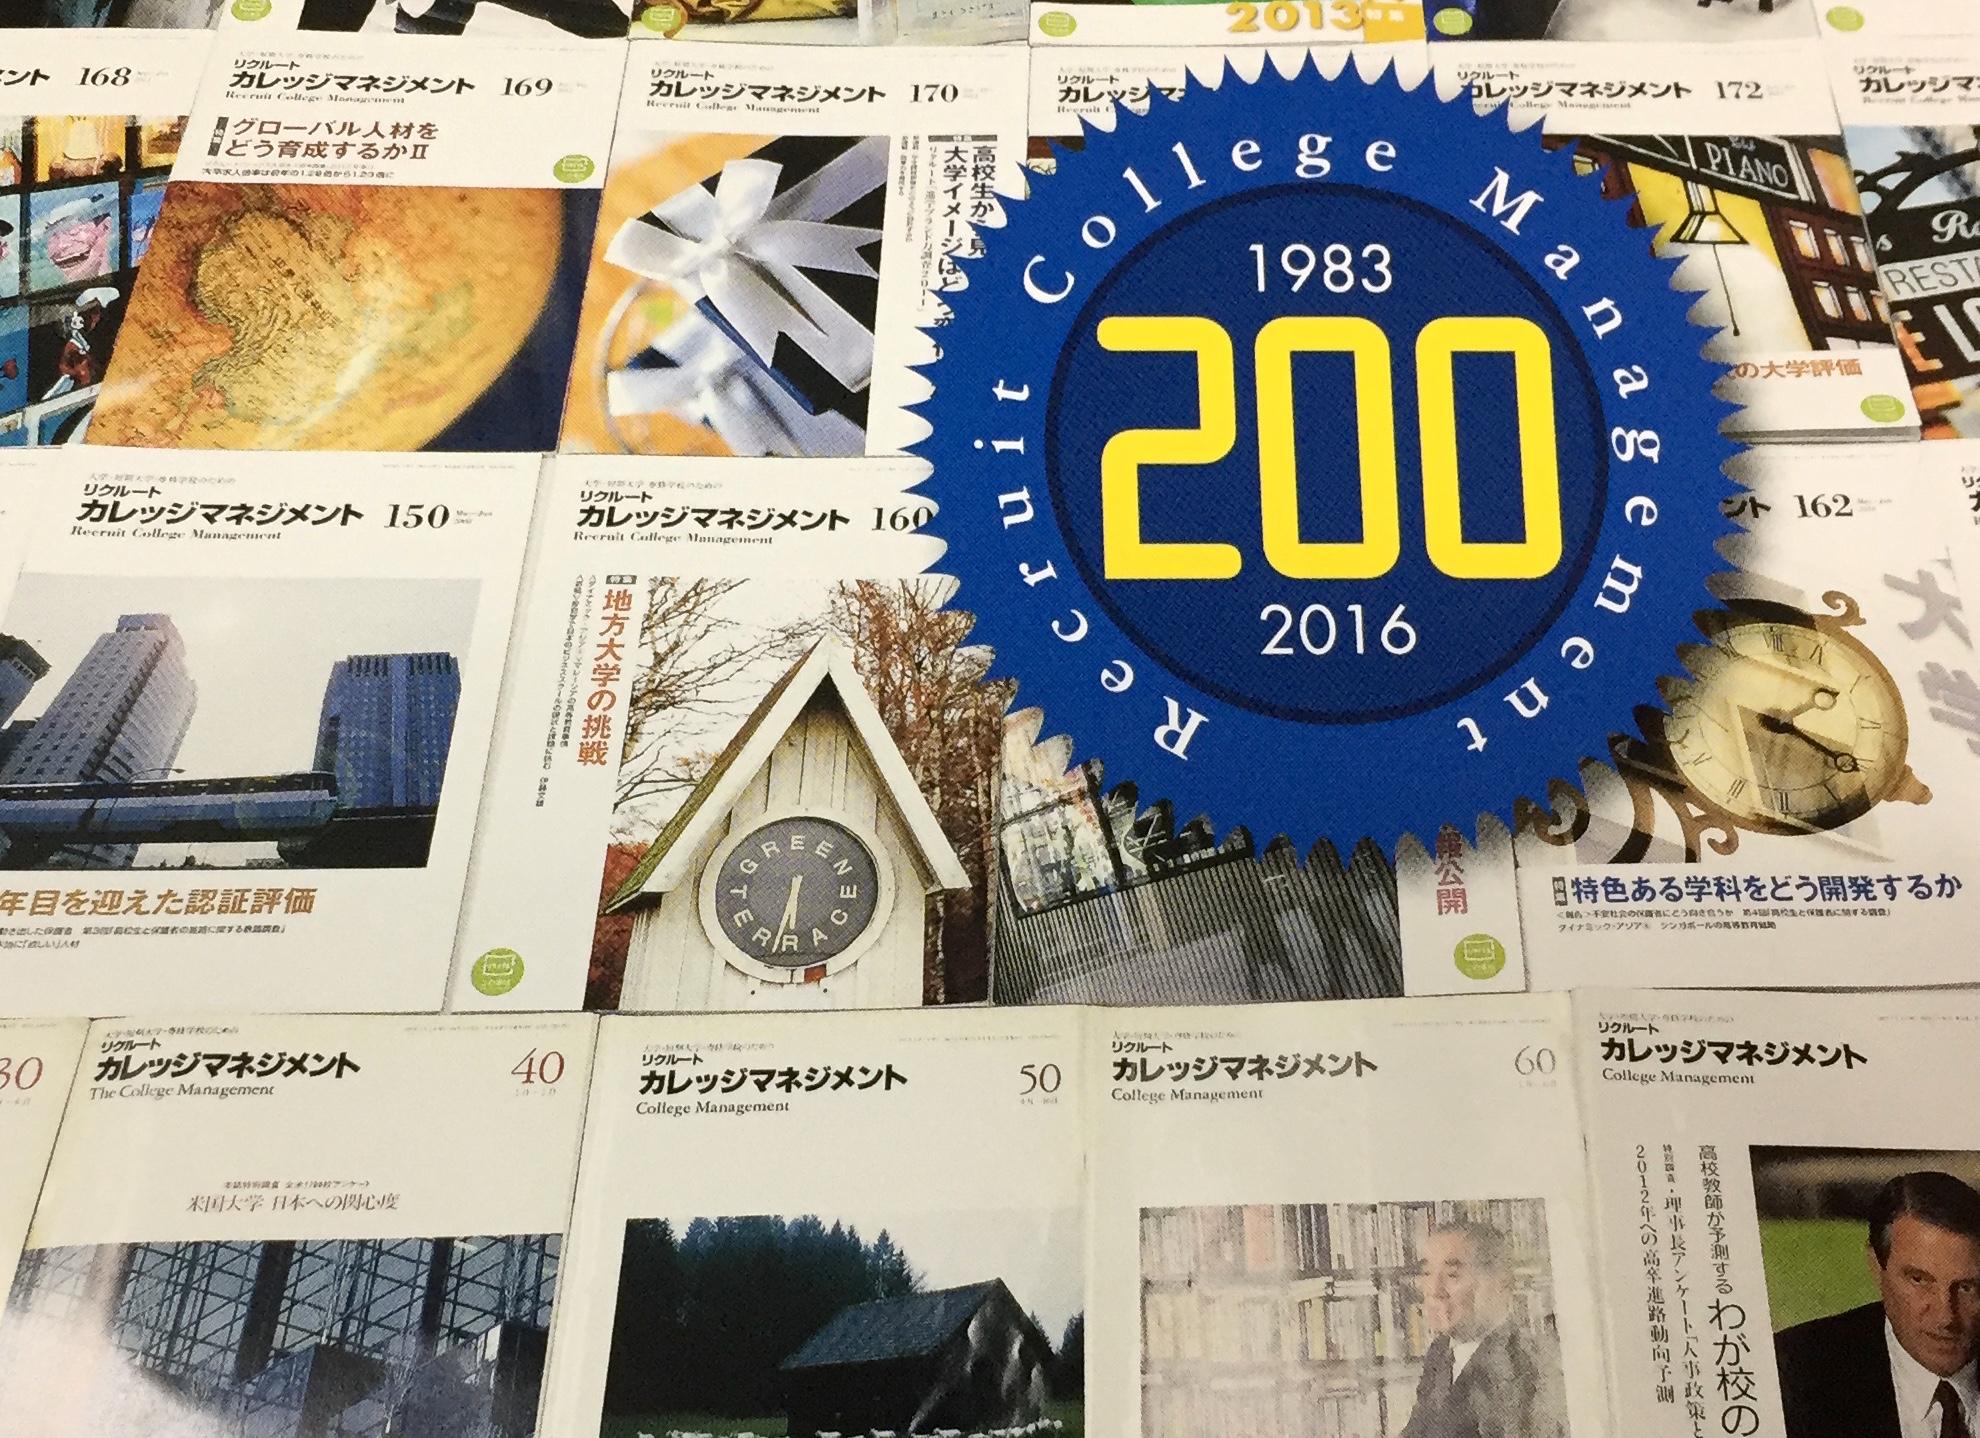 「カレッジマネジメント」200号